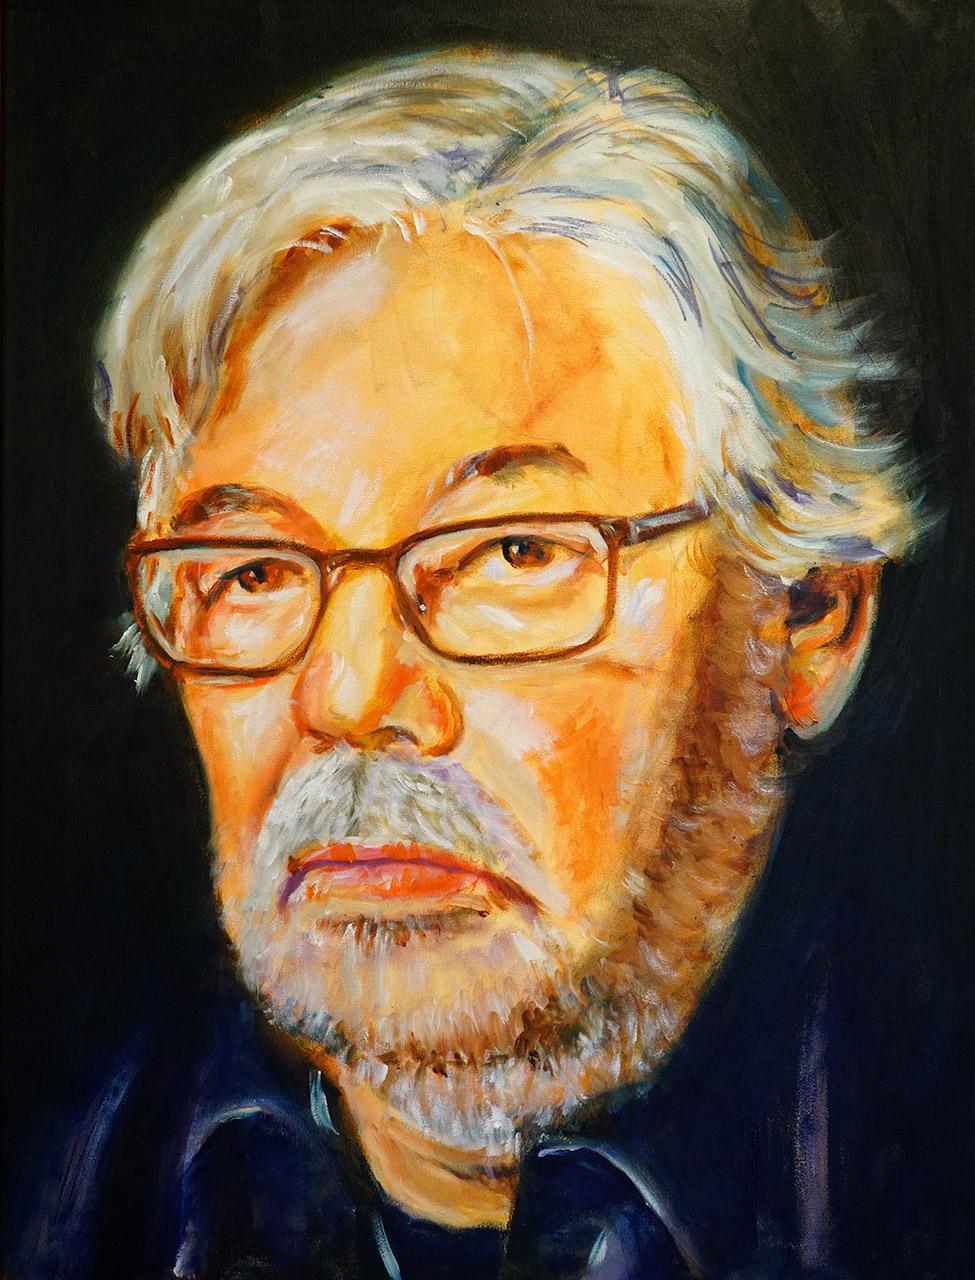 Hans Könemann_Maarten van Rossem_acryl/olie op doek_60x80